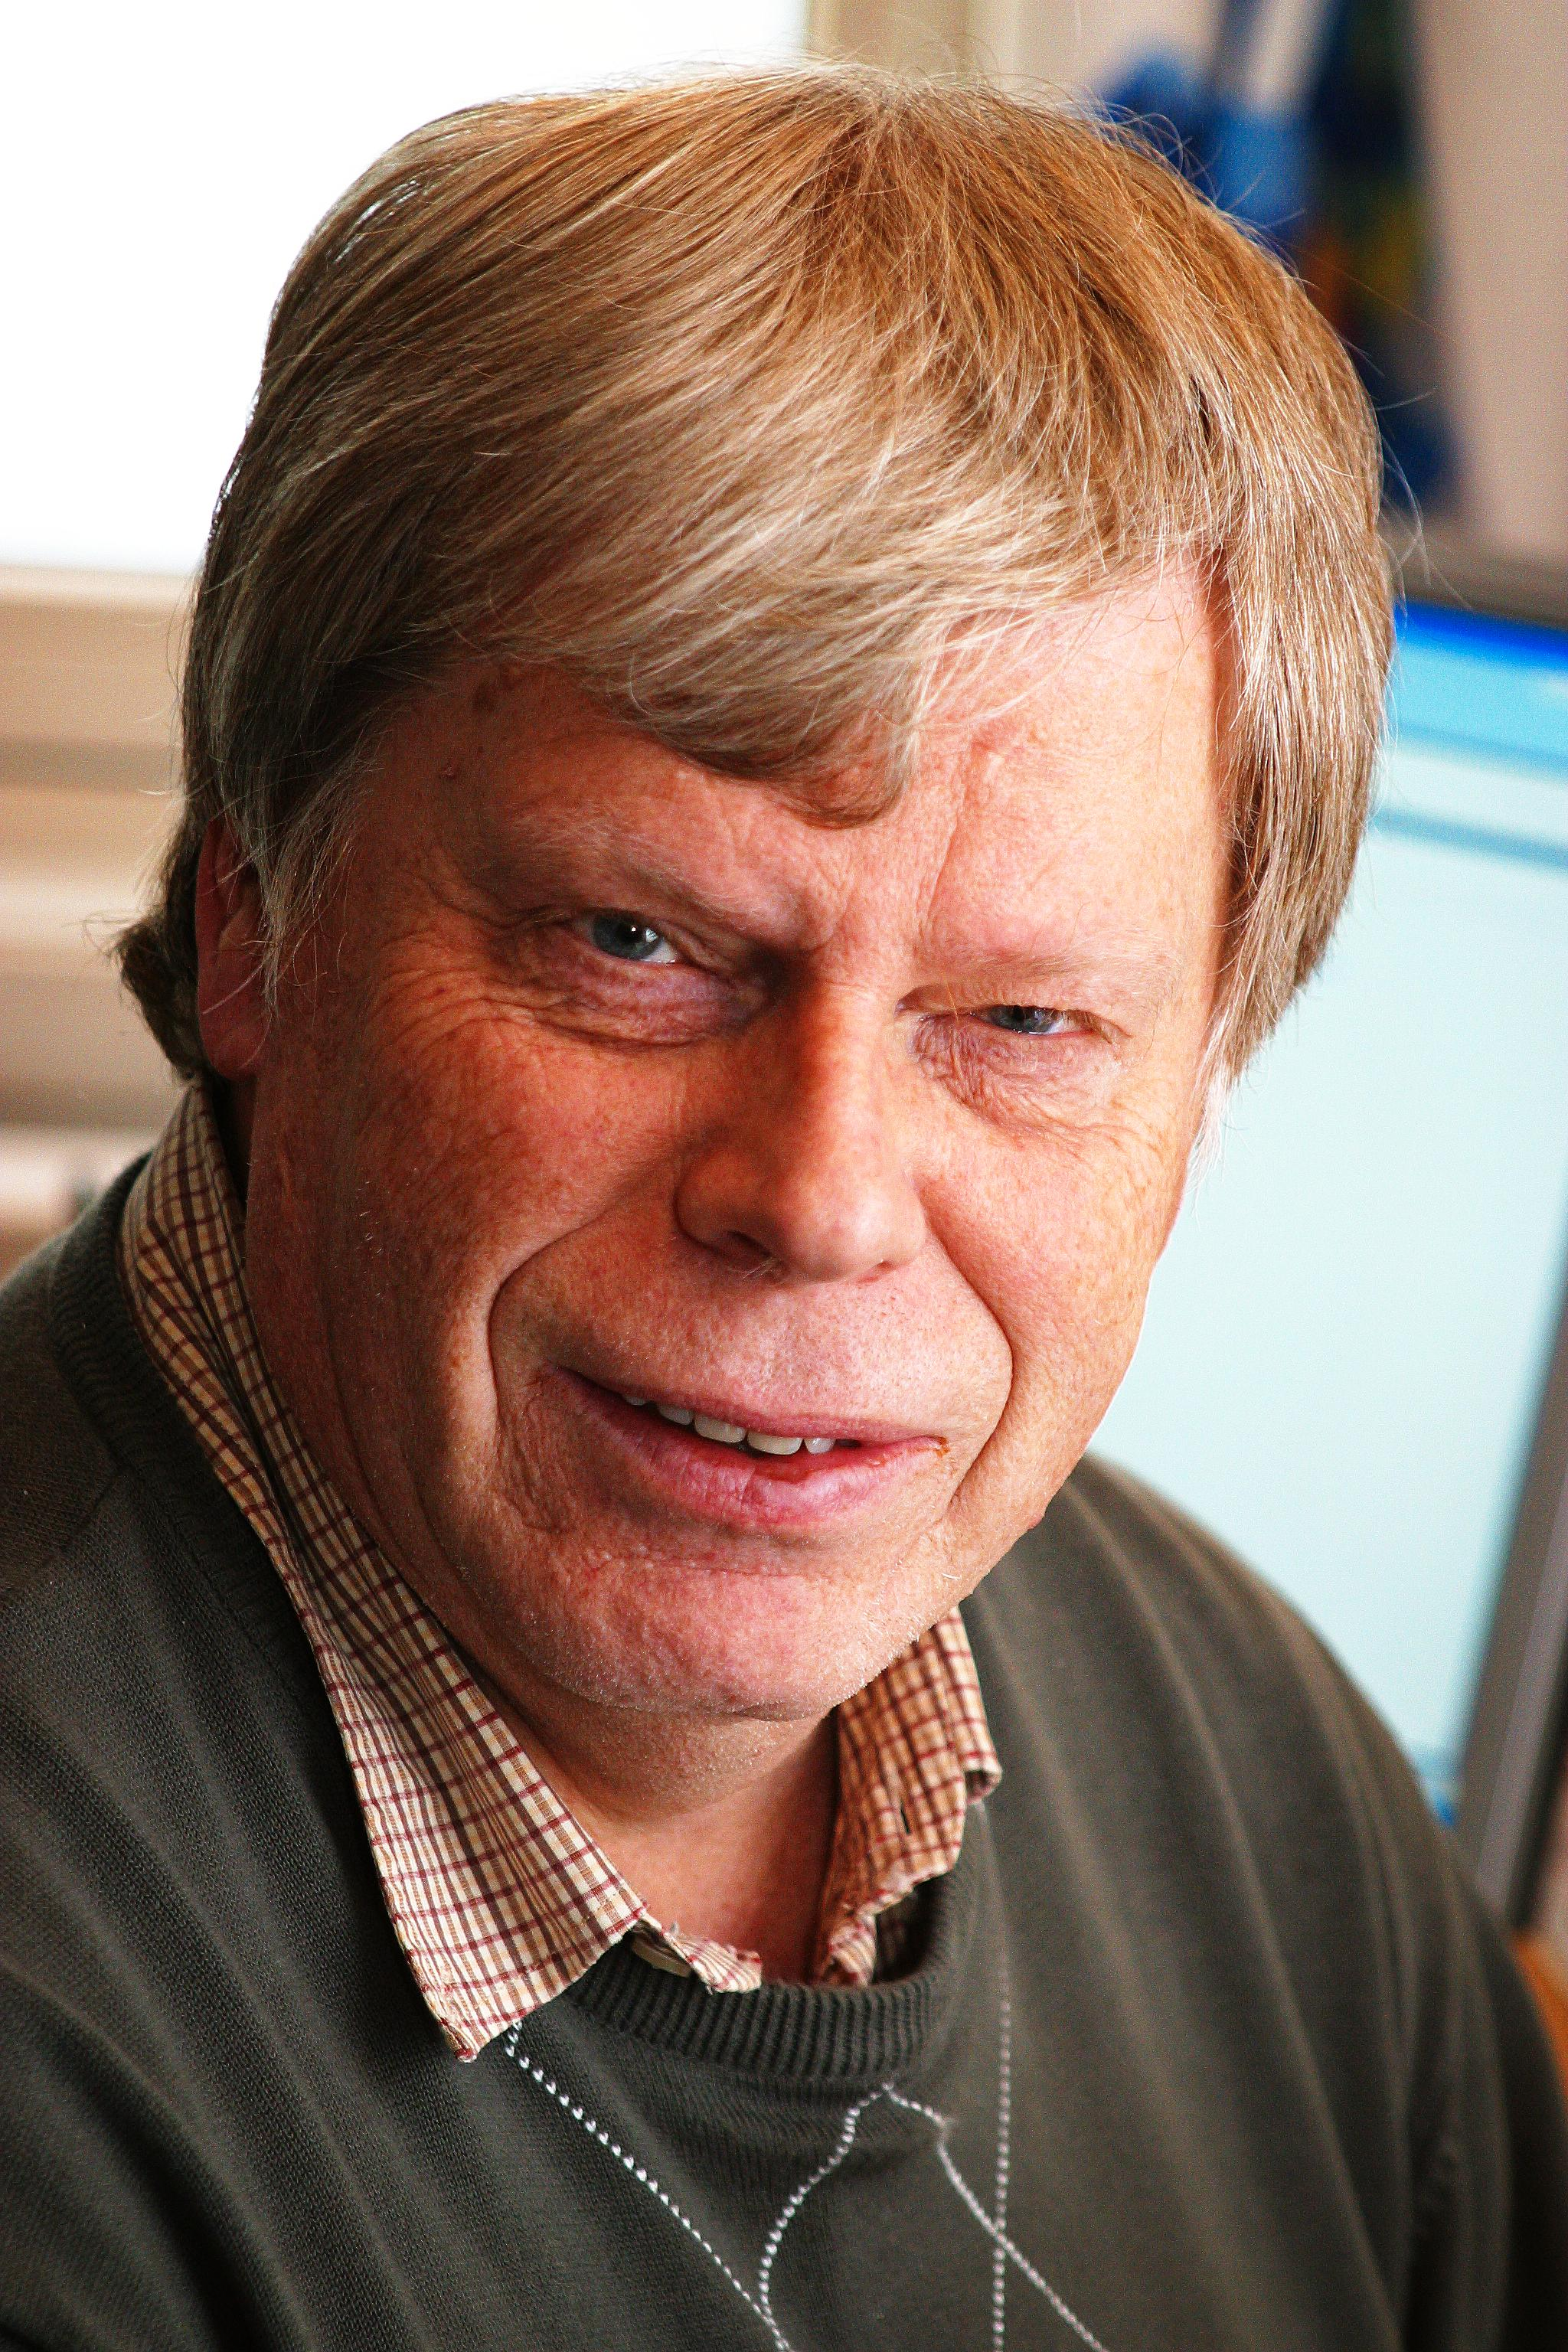 Erik Andersen, Informasjonssjef, Elektronikkbransjen. Foto: Stian Sønsteng.